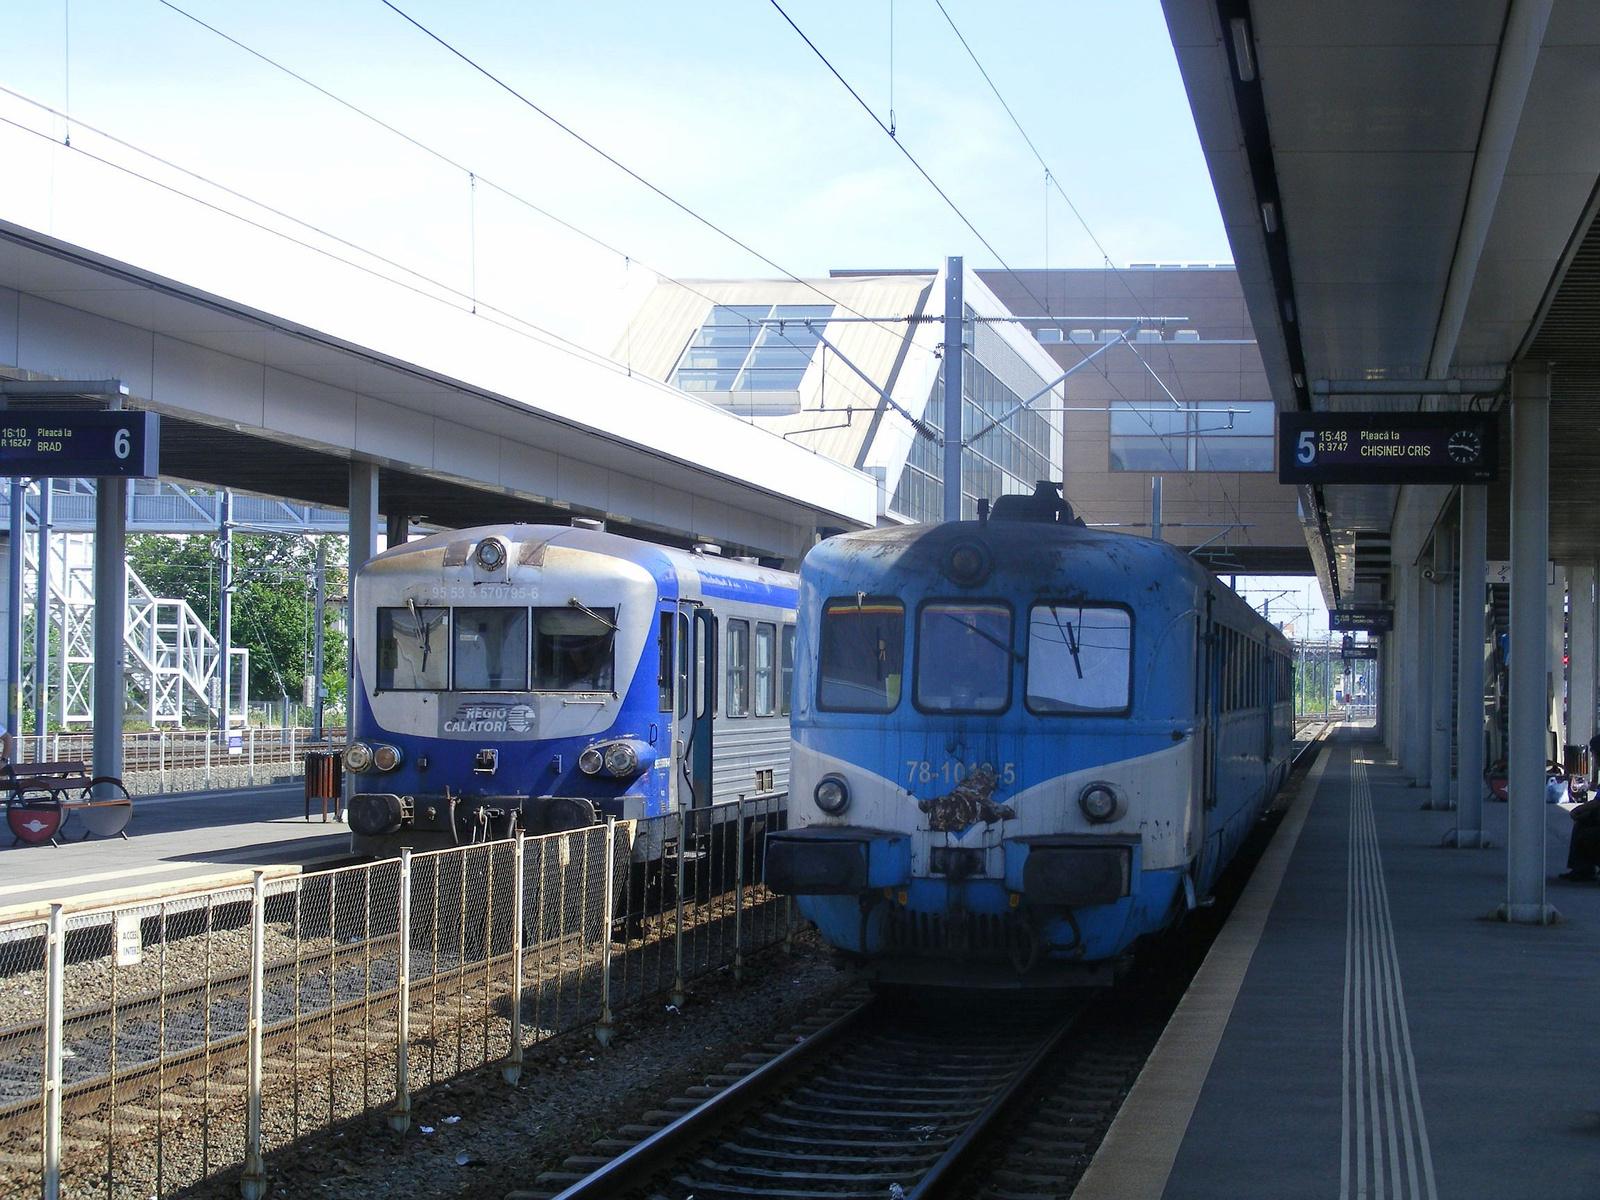 DSCF8519